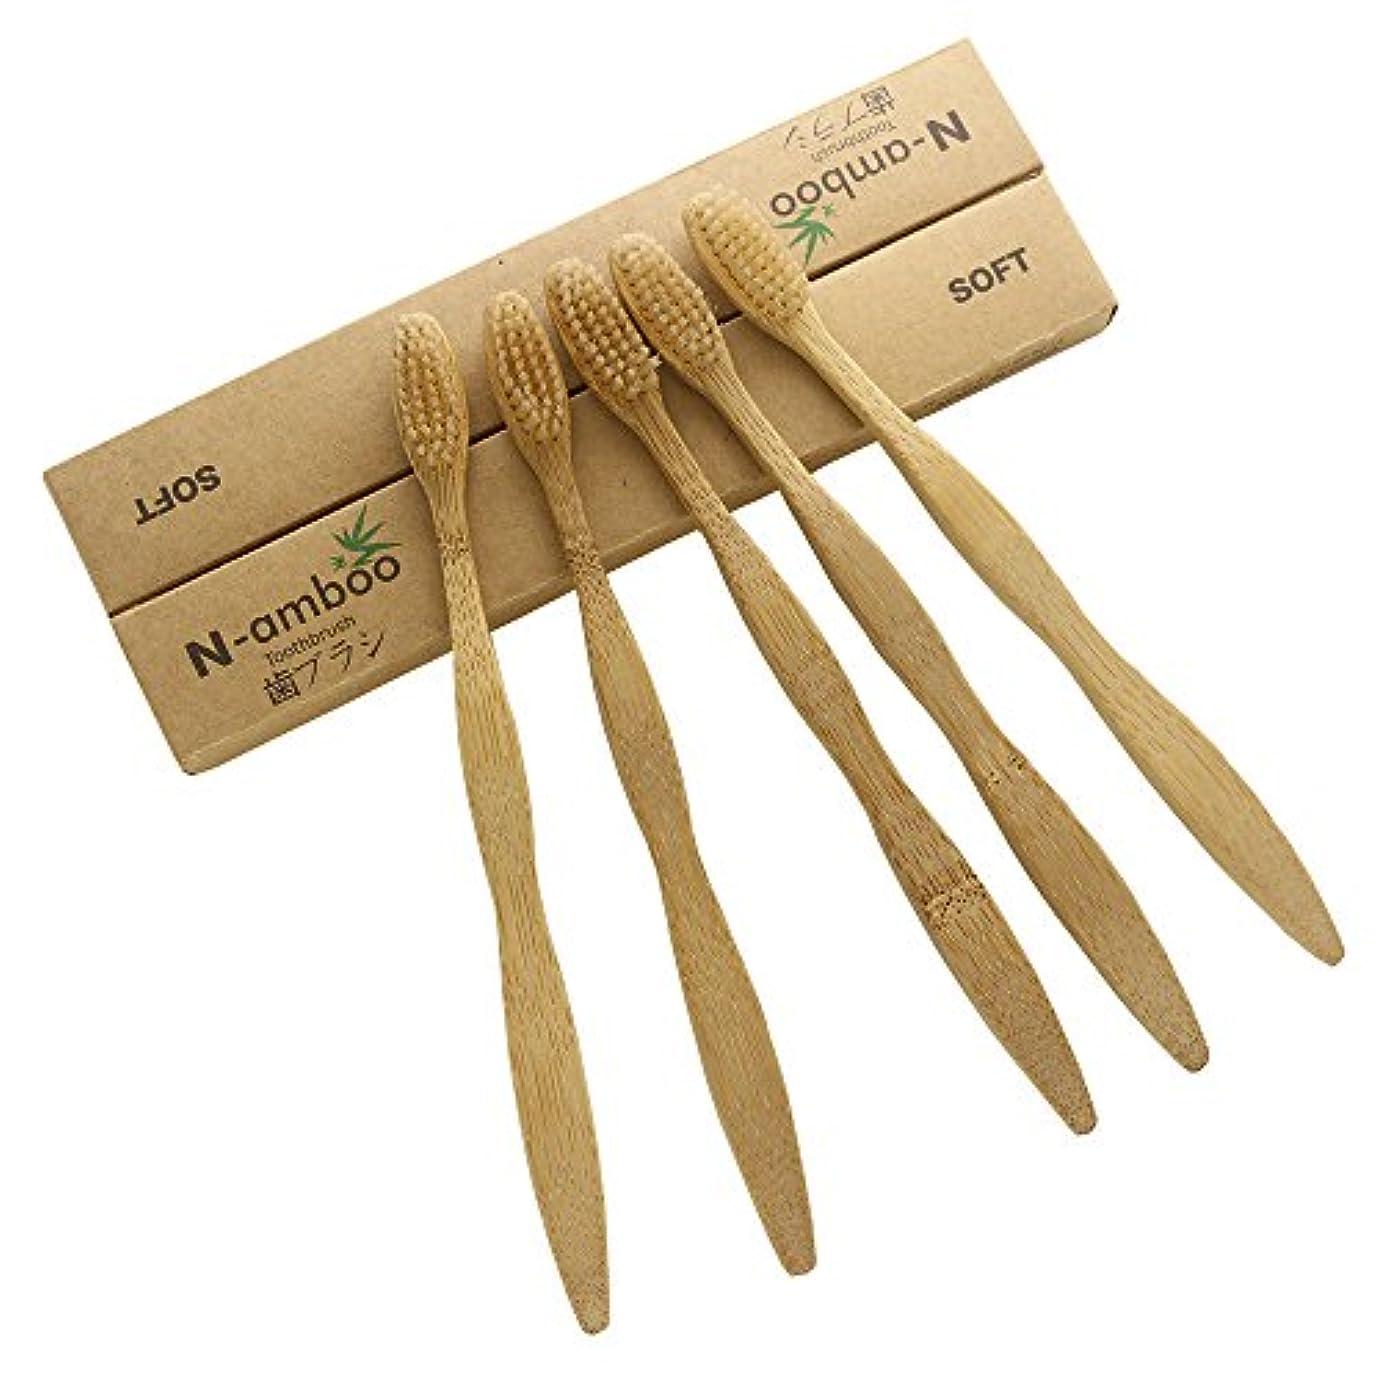 現象ペン凝視N-amboo 歯ブラシ 竹製 耐久性 ベージュ セット (5本)